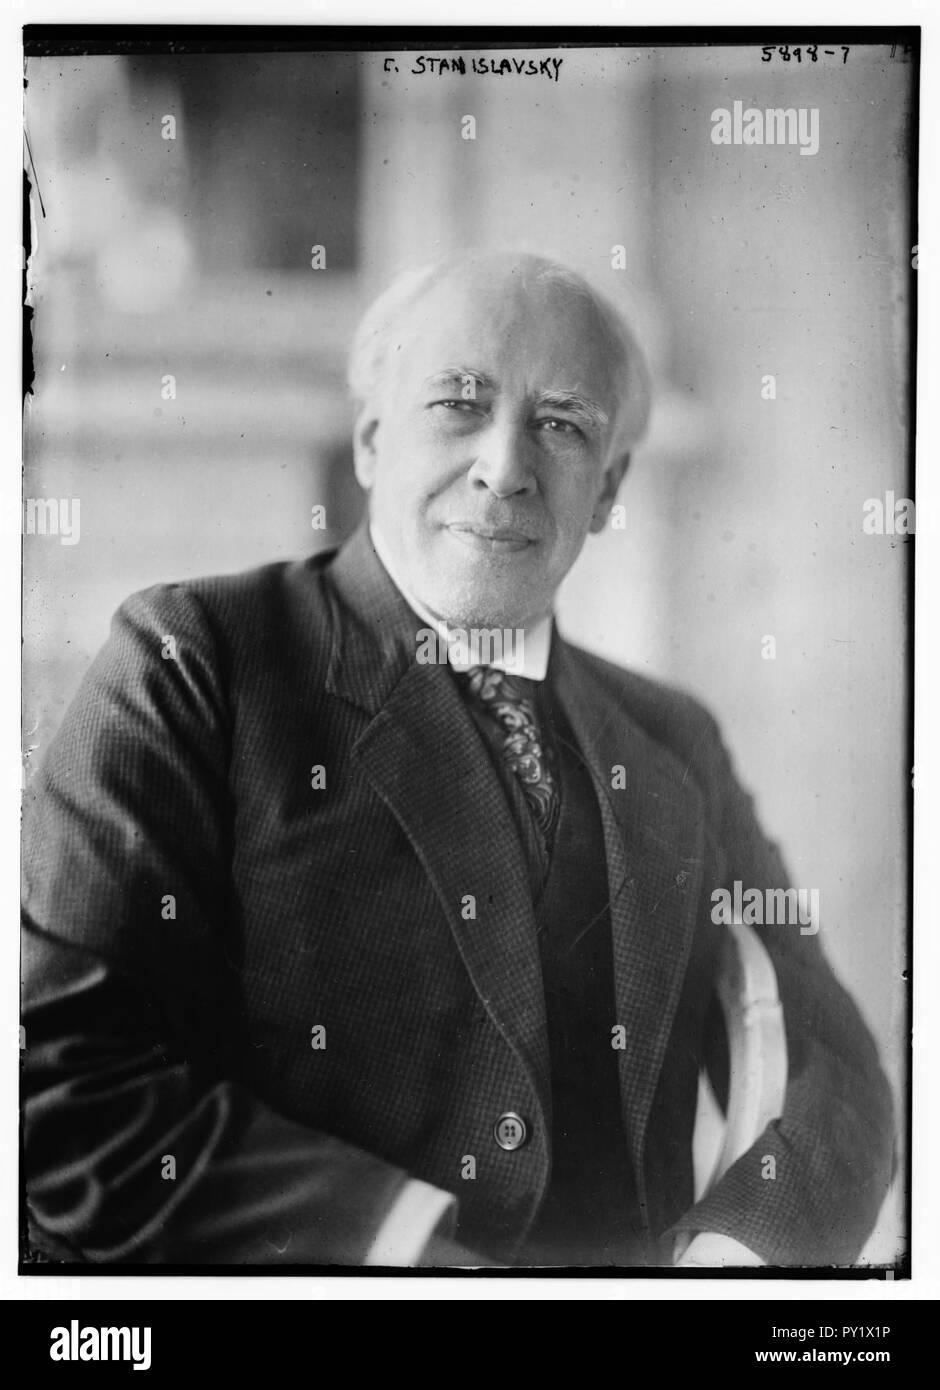 Konstantin Stanislavsky Imágenes De Stock Konstantin